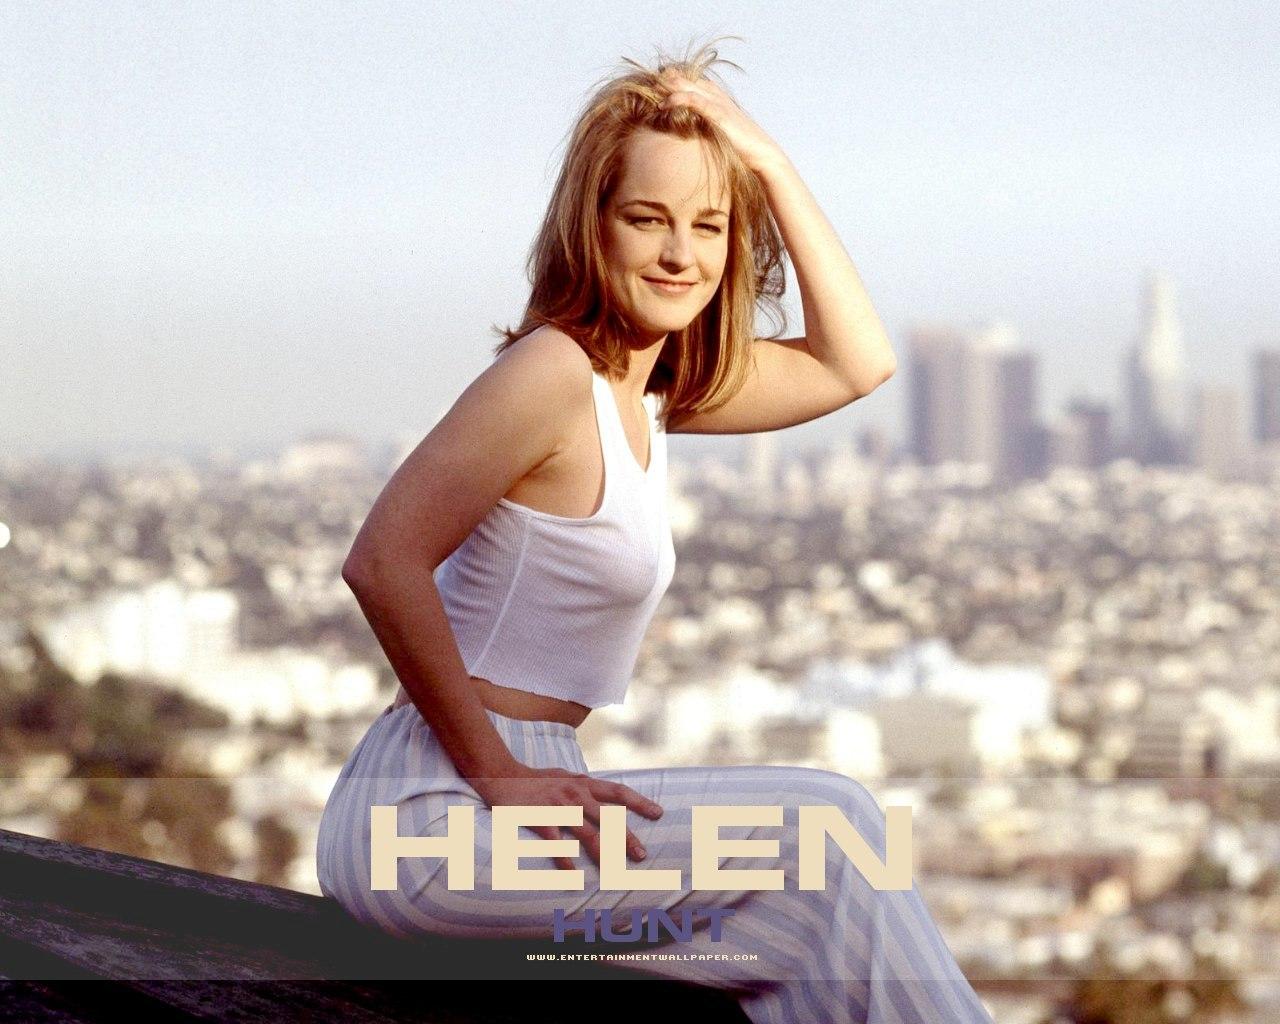 http://1.bp.blogspot.com/-2tpM44tjZ1o/T8rLL7kWSWI/AAAAAAAACJI/QKVL1SJG8E8/s1600/Helen+Hunt+03.jpg